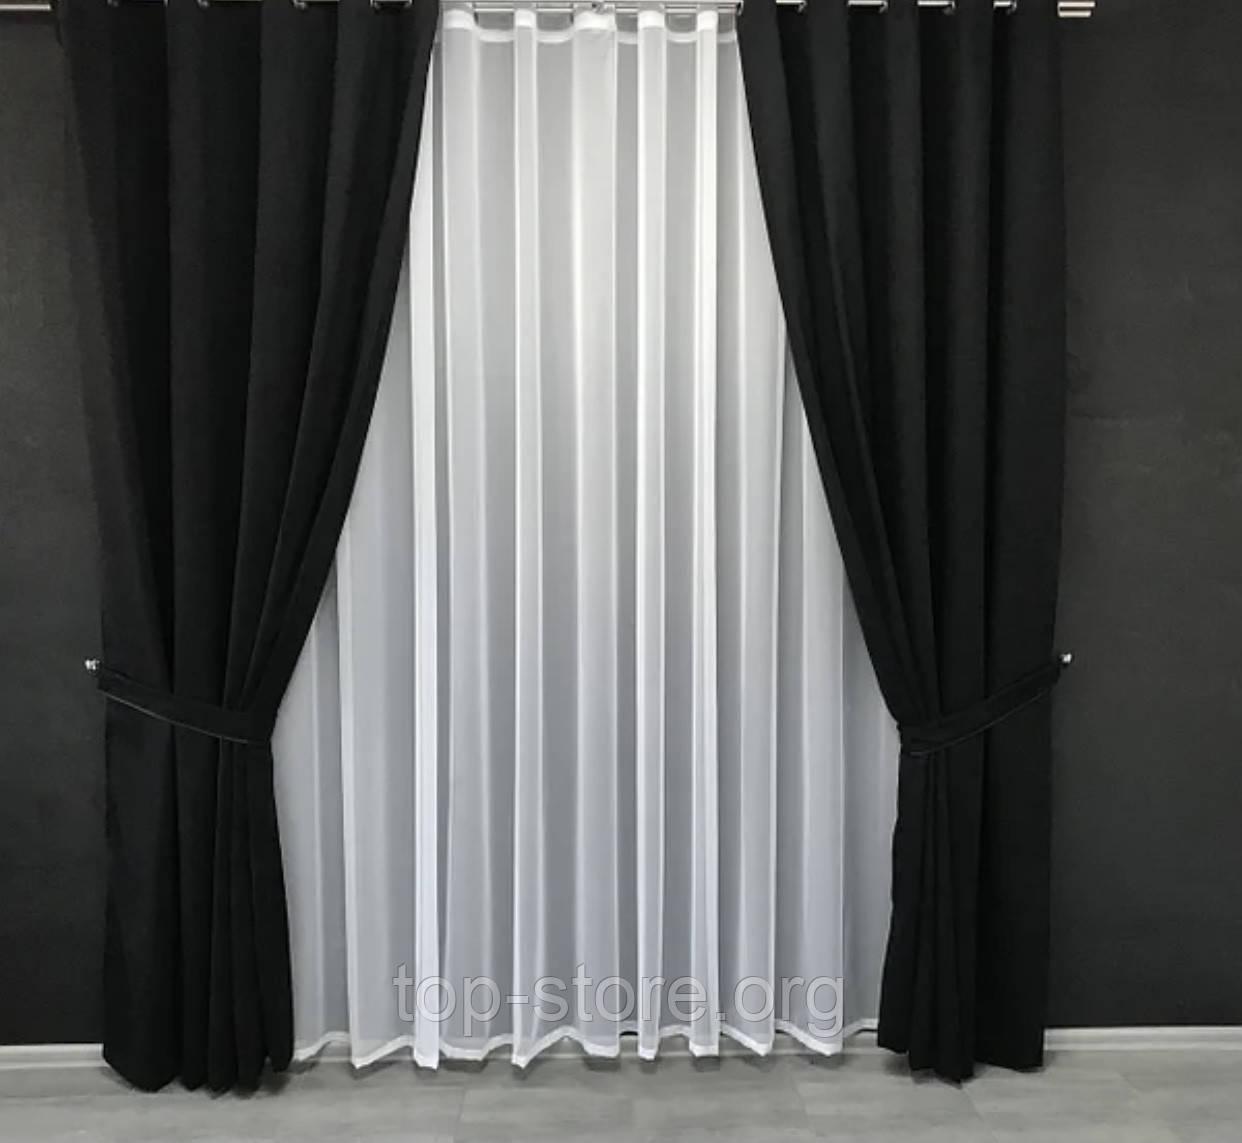 Комплект штор на тесьме с тюлем Шторы микровелюр + тюль шифон Шторы с подхватами Цвет Черный